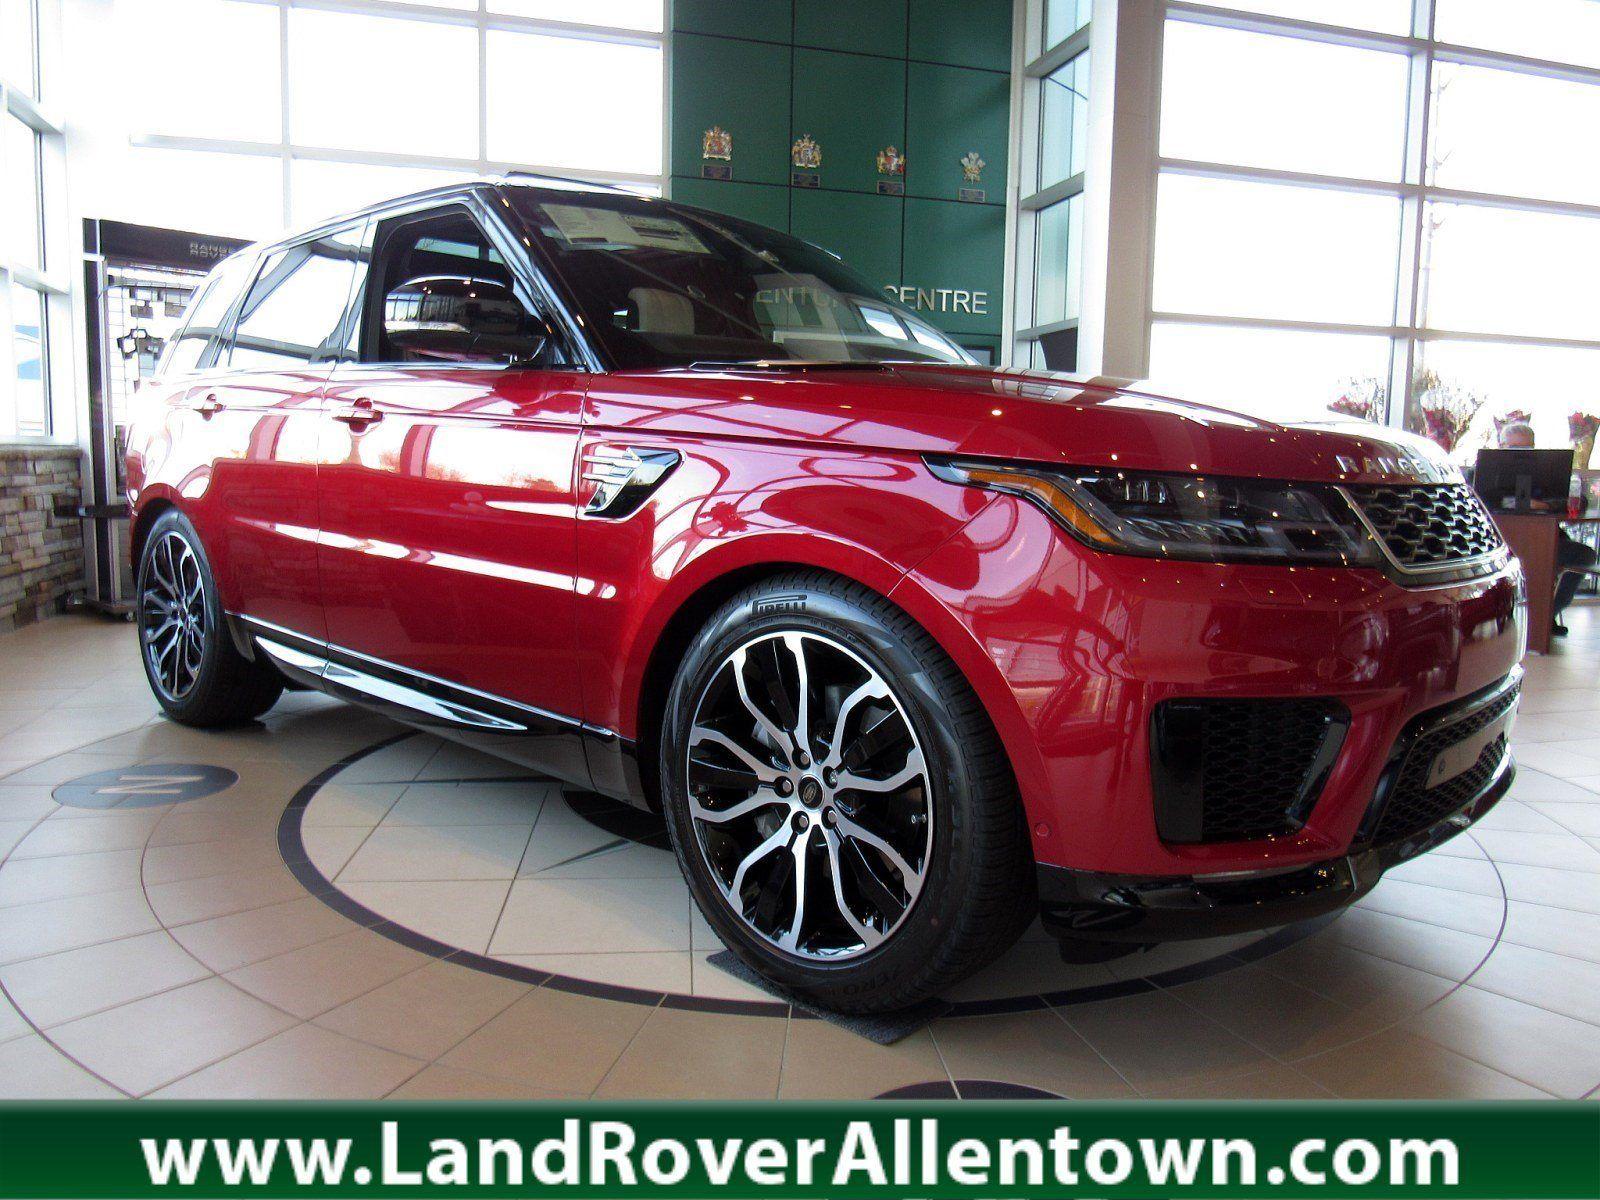 2020 Range Rover Sport Price in 2020 Range rover sport